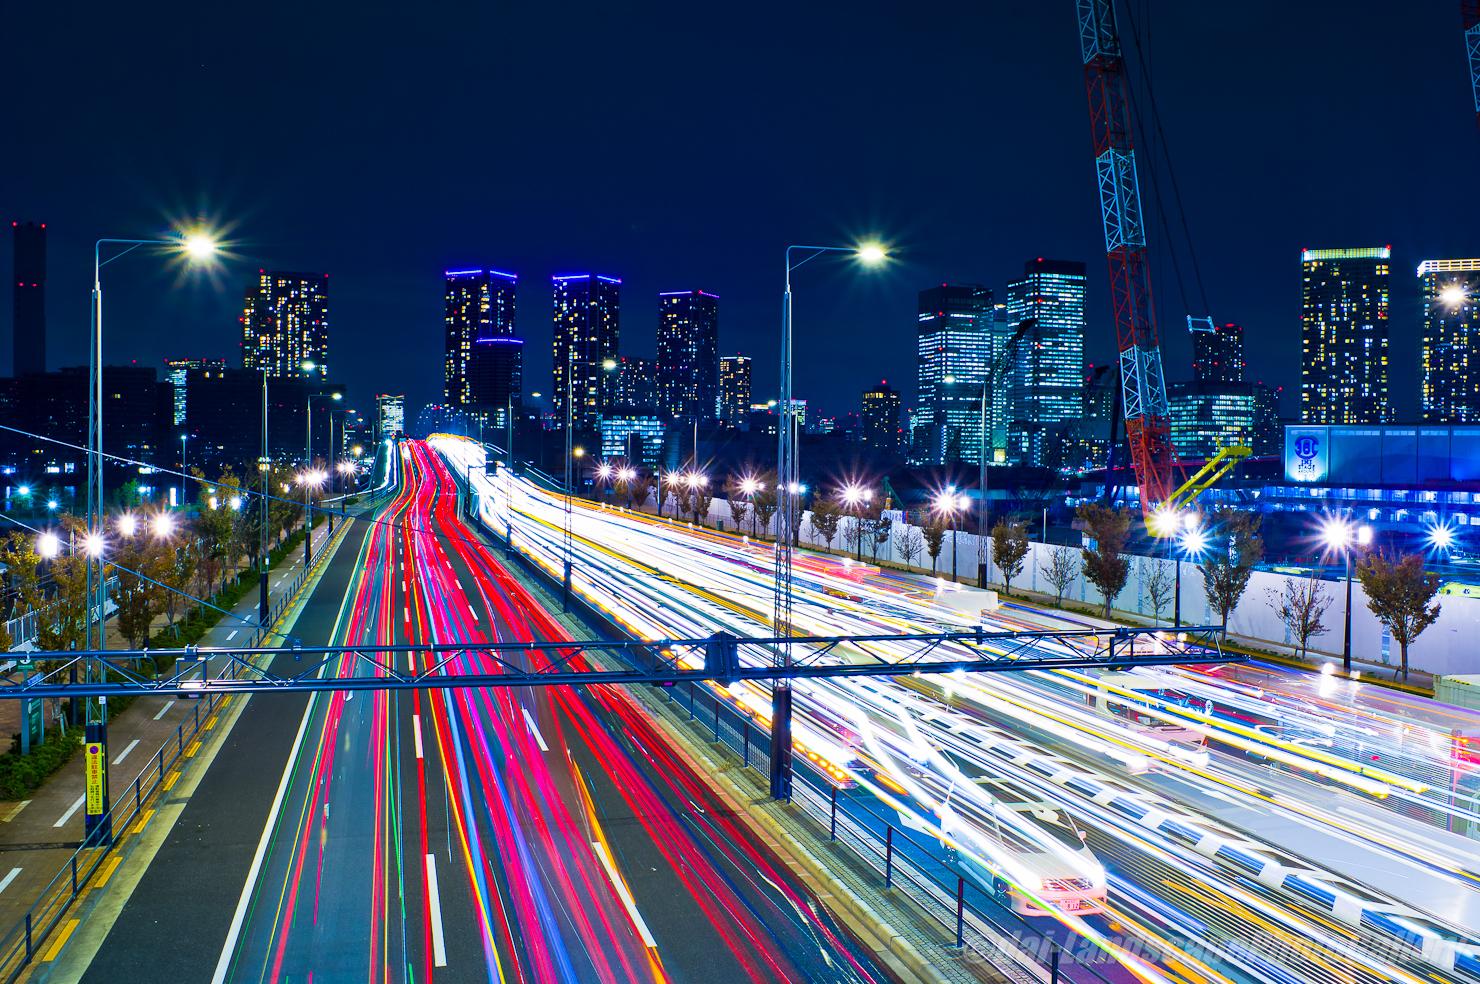 晴海大橋南詰交差点歩道橋からの夜景